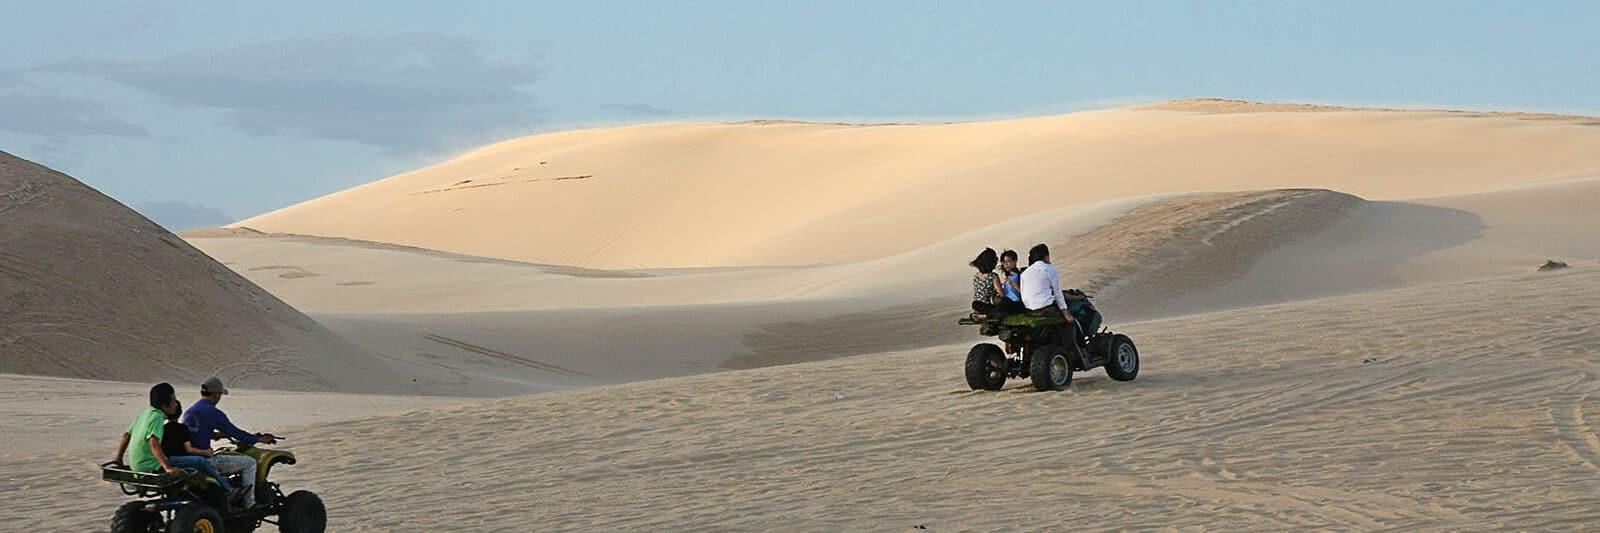 Image of the White Sand Dunes in Mui Ne, Phan Thiet, Vietnam